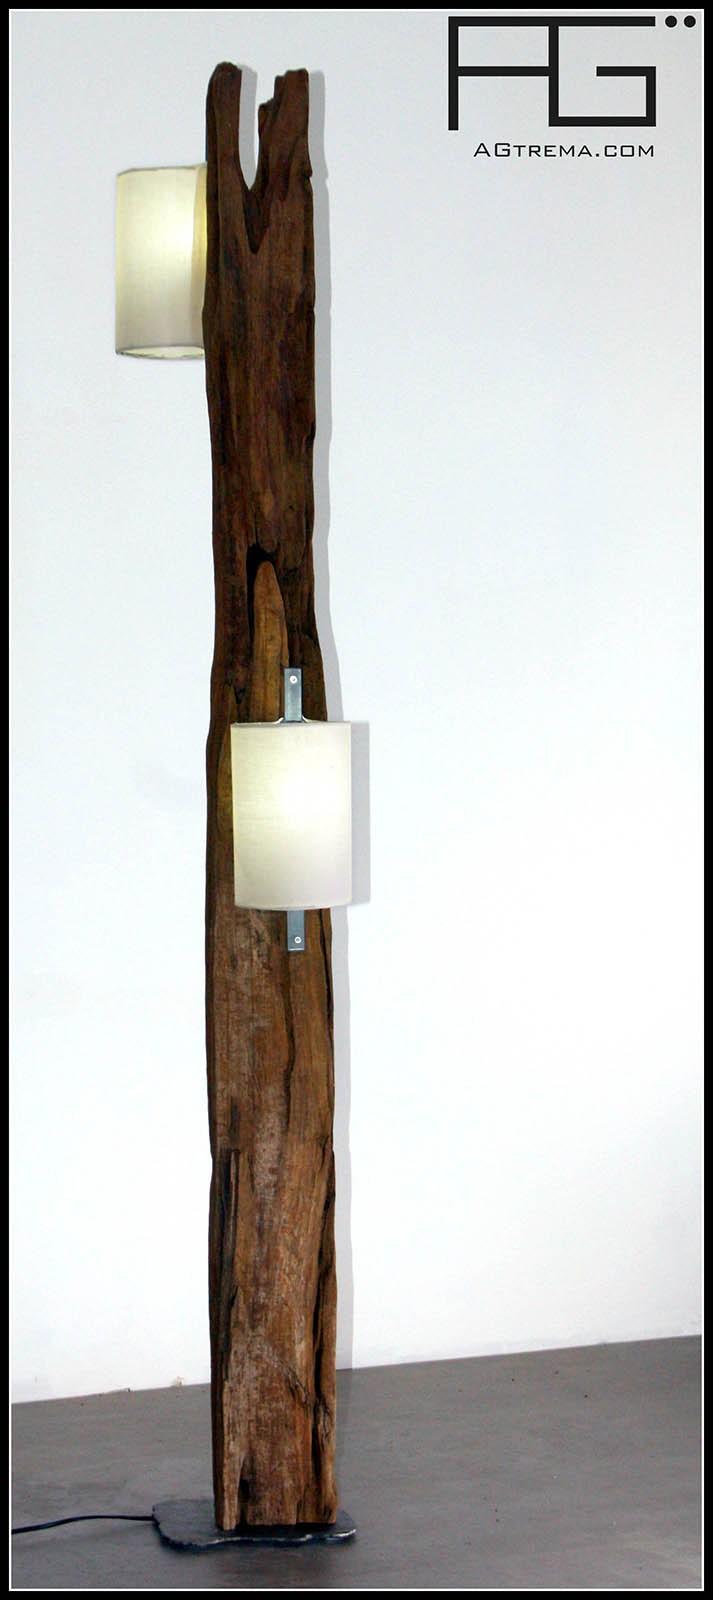 Lampe en bois flotté, poutre de bois, artisanat d\'Alsace - AGtrema